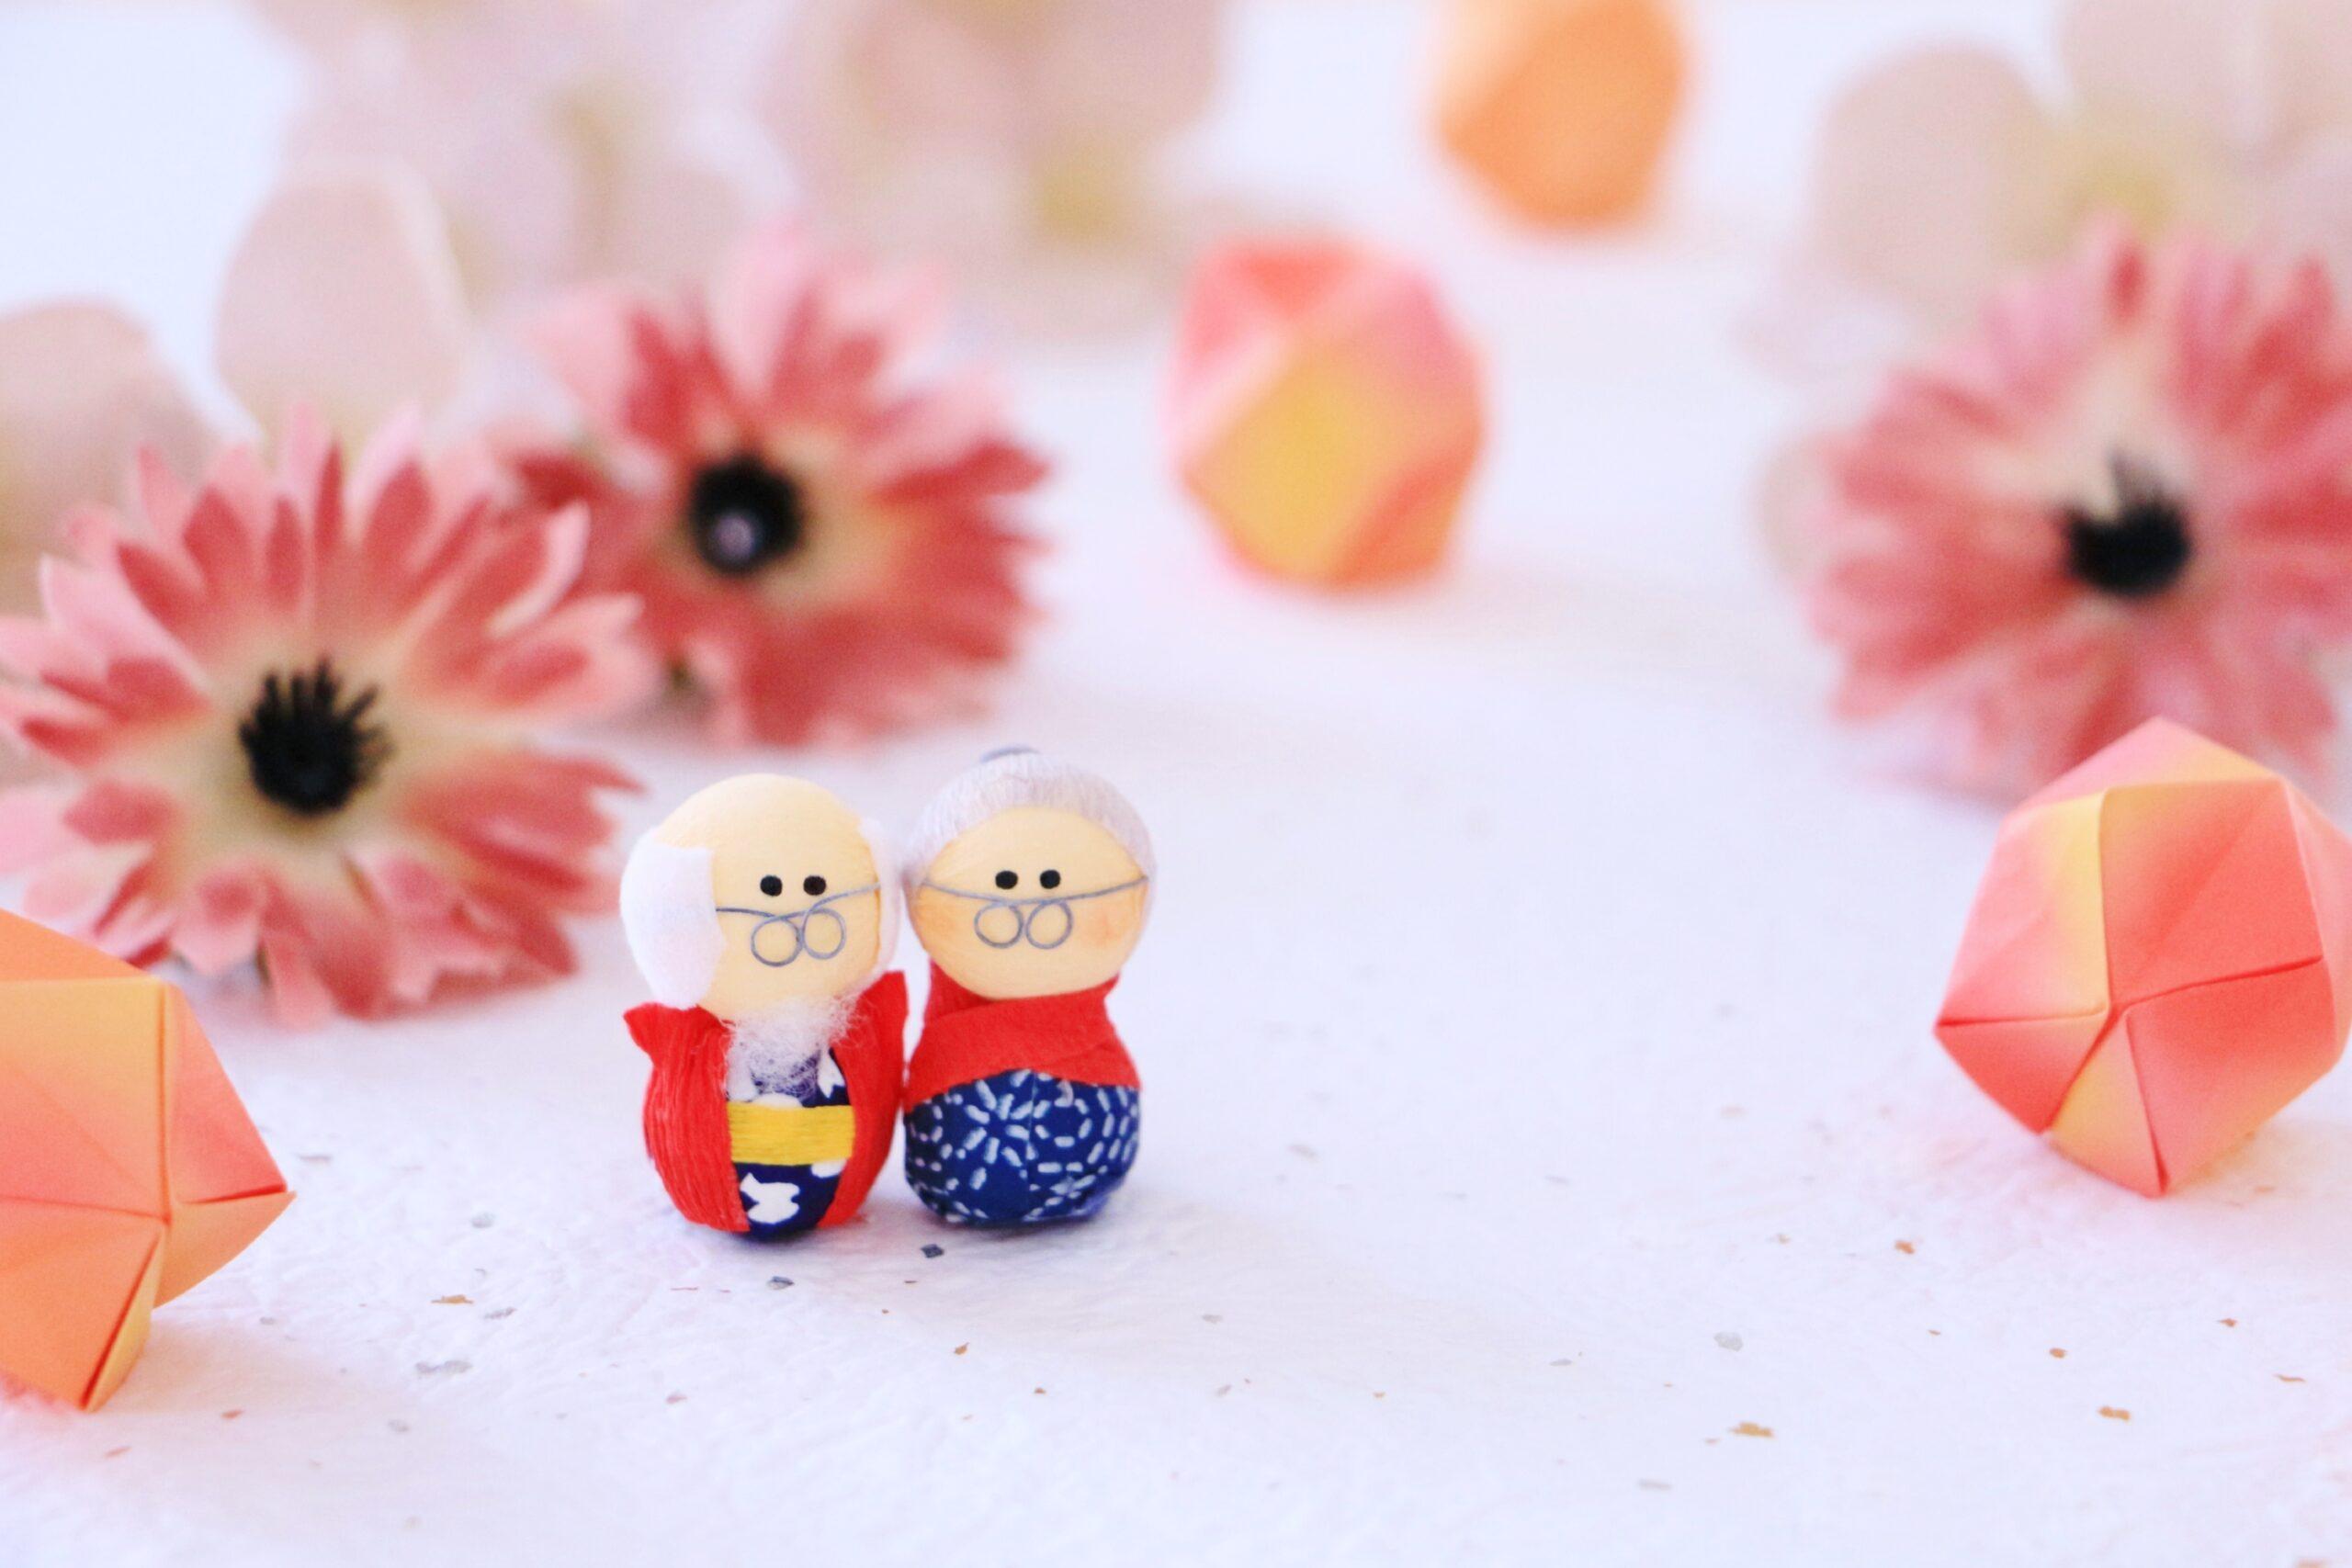 【もうすぐ敬老の日!】おじいちゃんおばあちゃんにプレゼントしたい!おススメアイテム